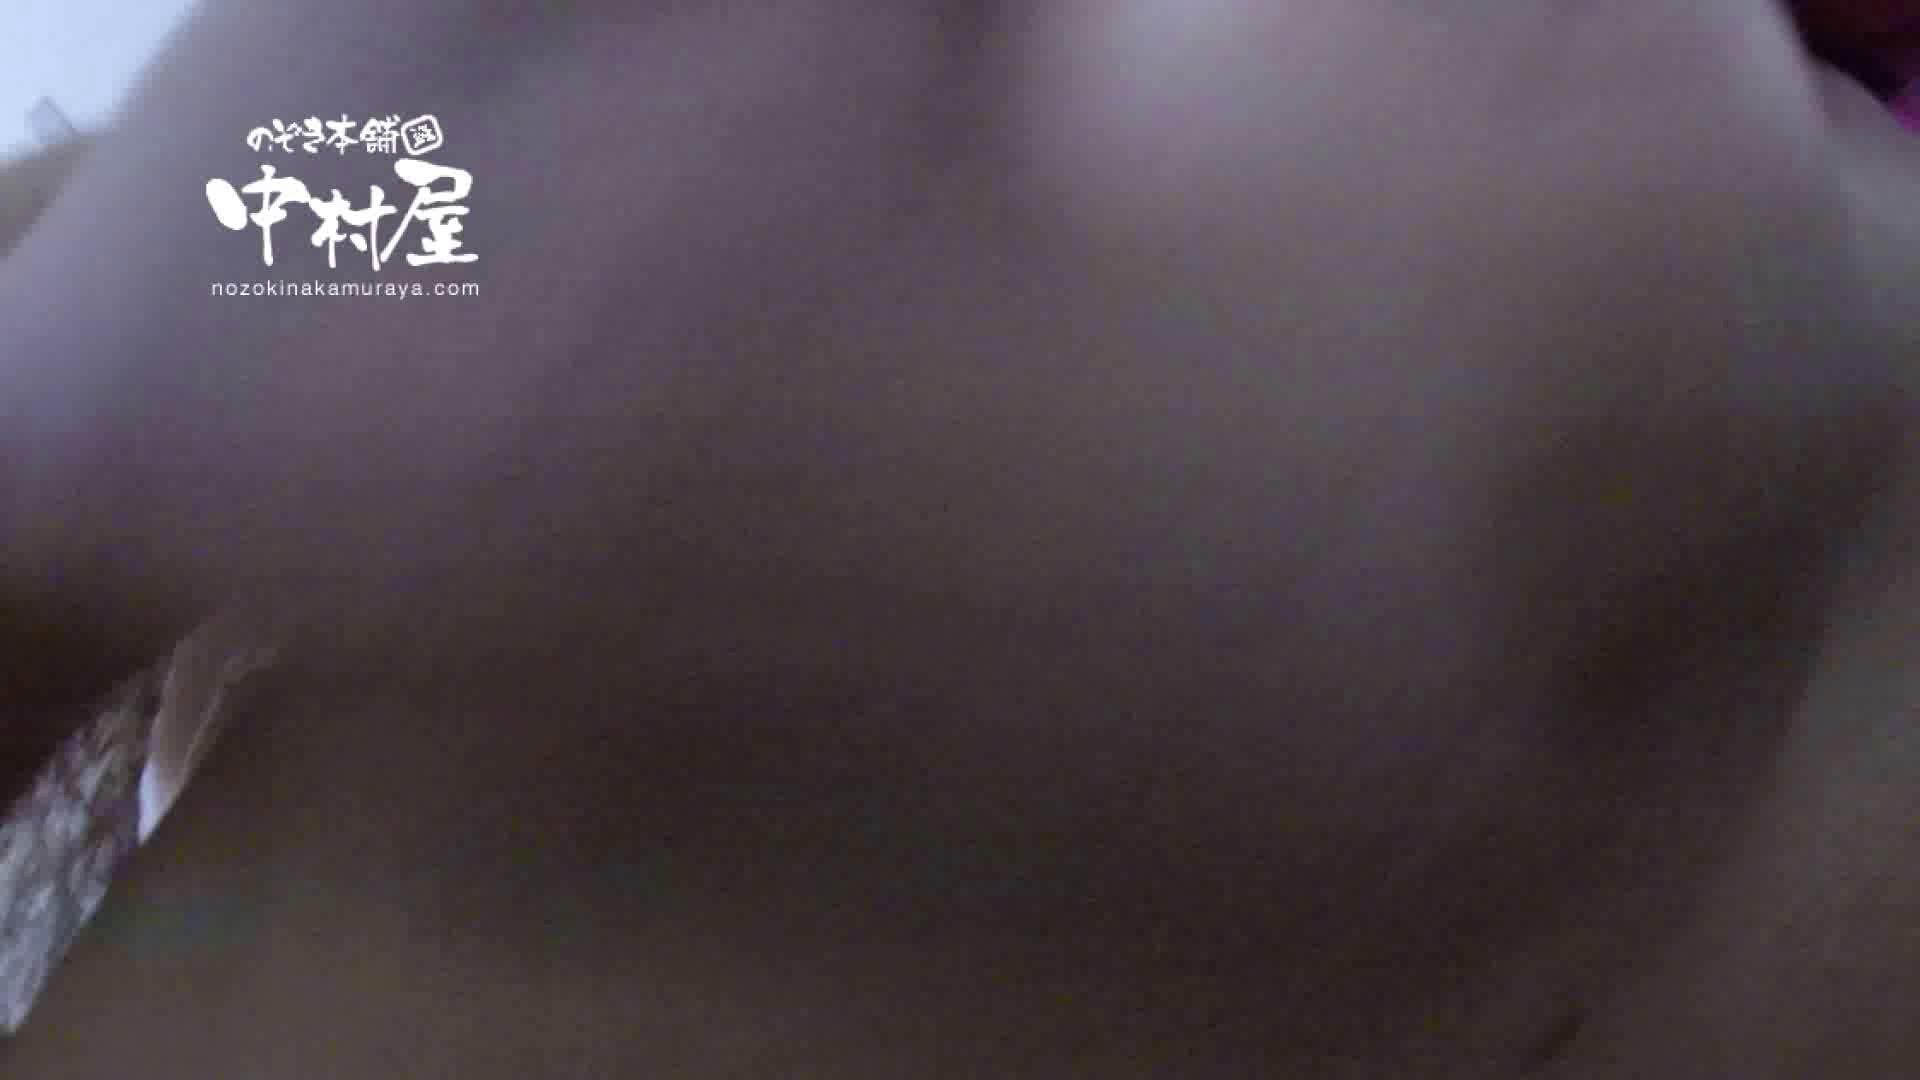 鬼畜 vol.12 剥ぎ取ったら色白でゴウモウだった 前編 鬼畜 | 美女OL  50連発 43